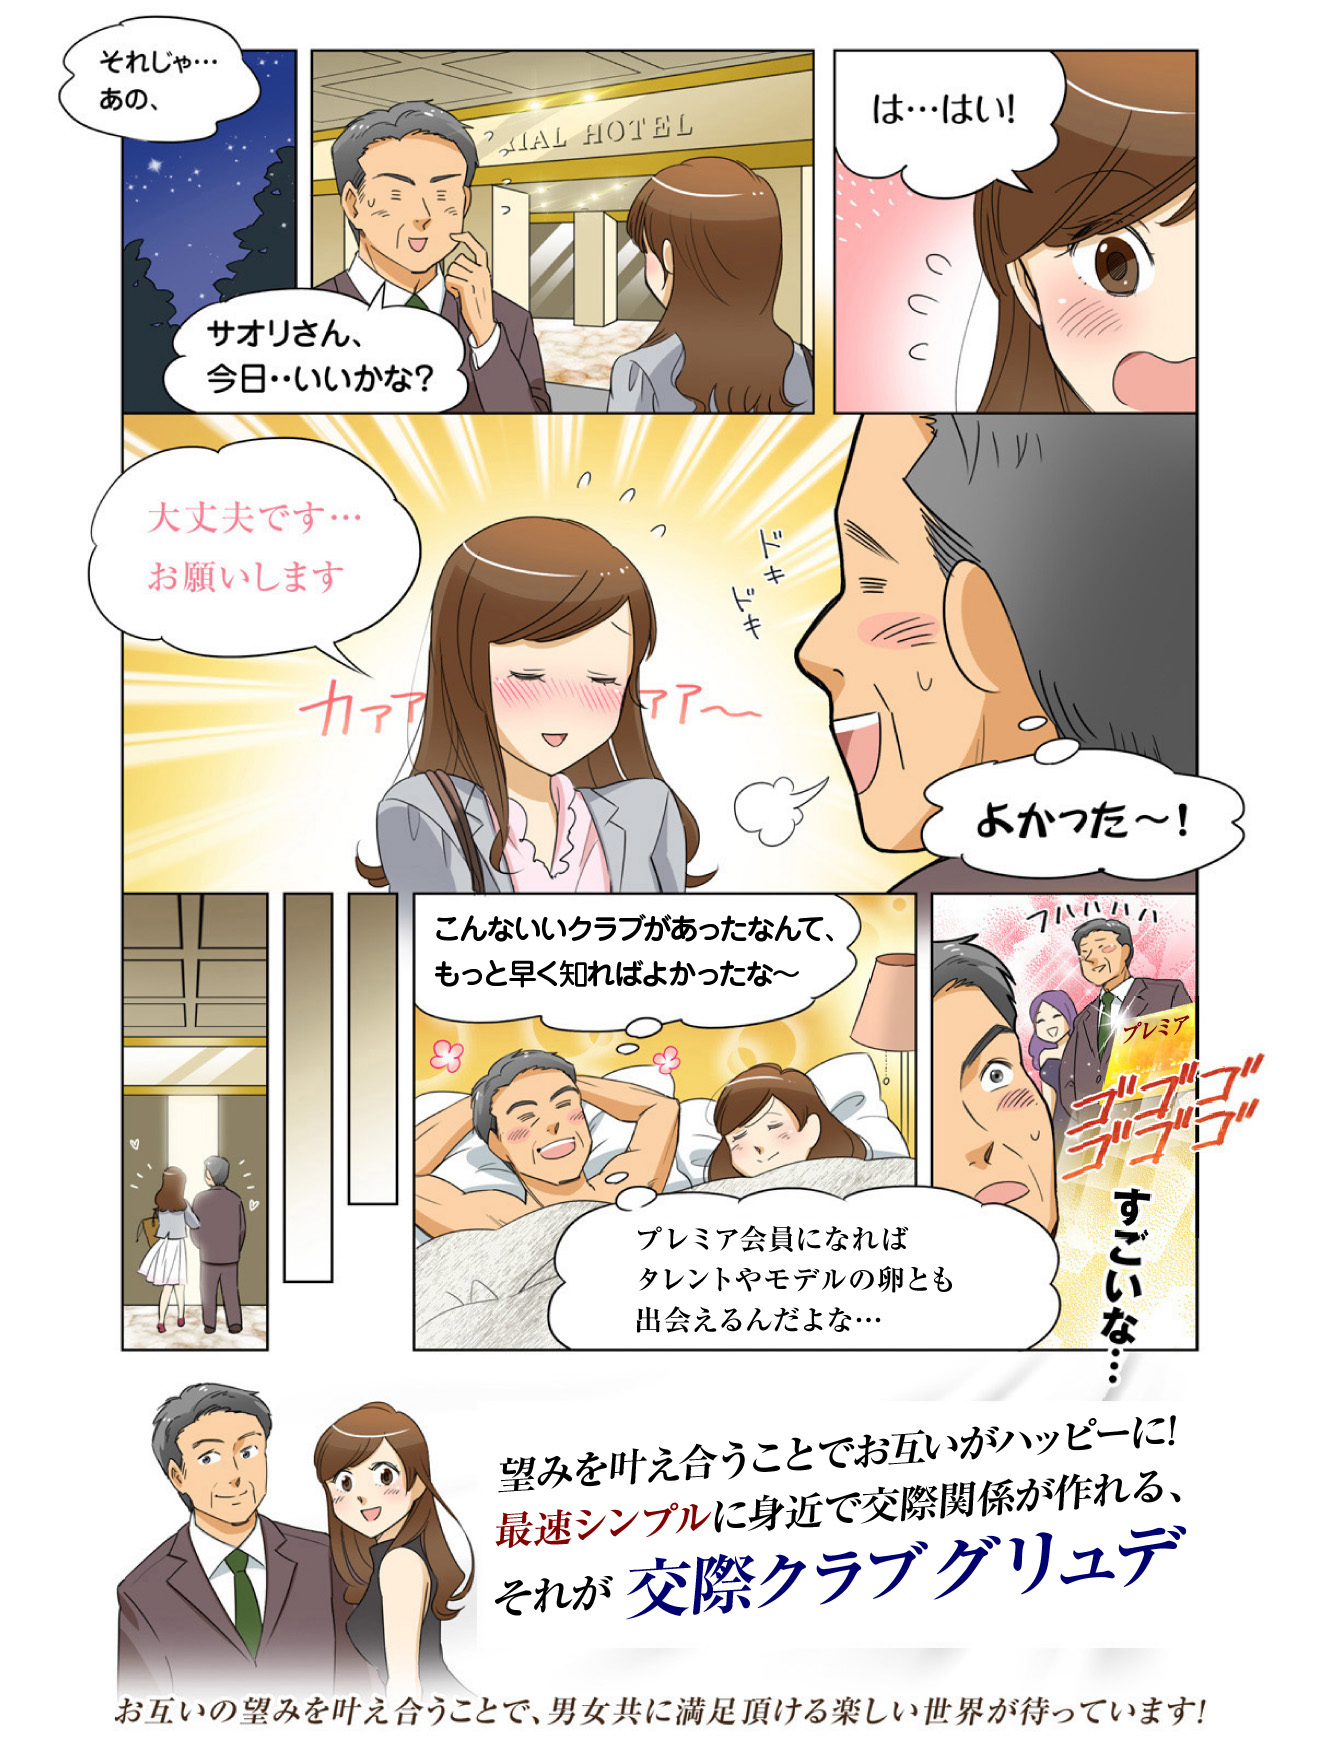 man-manga004